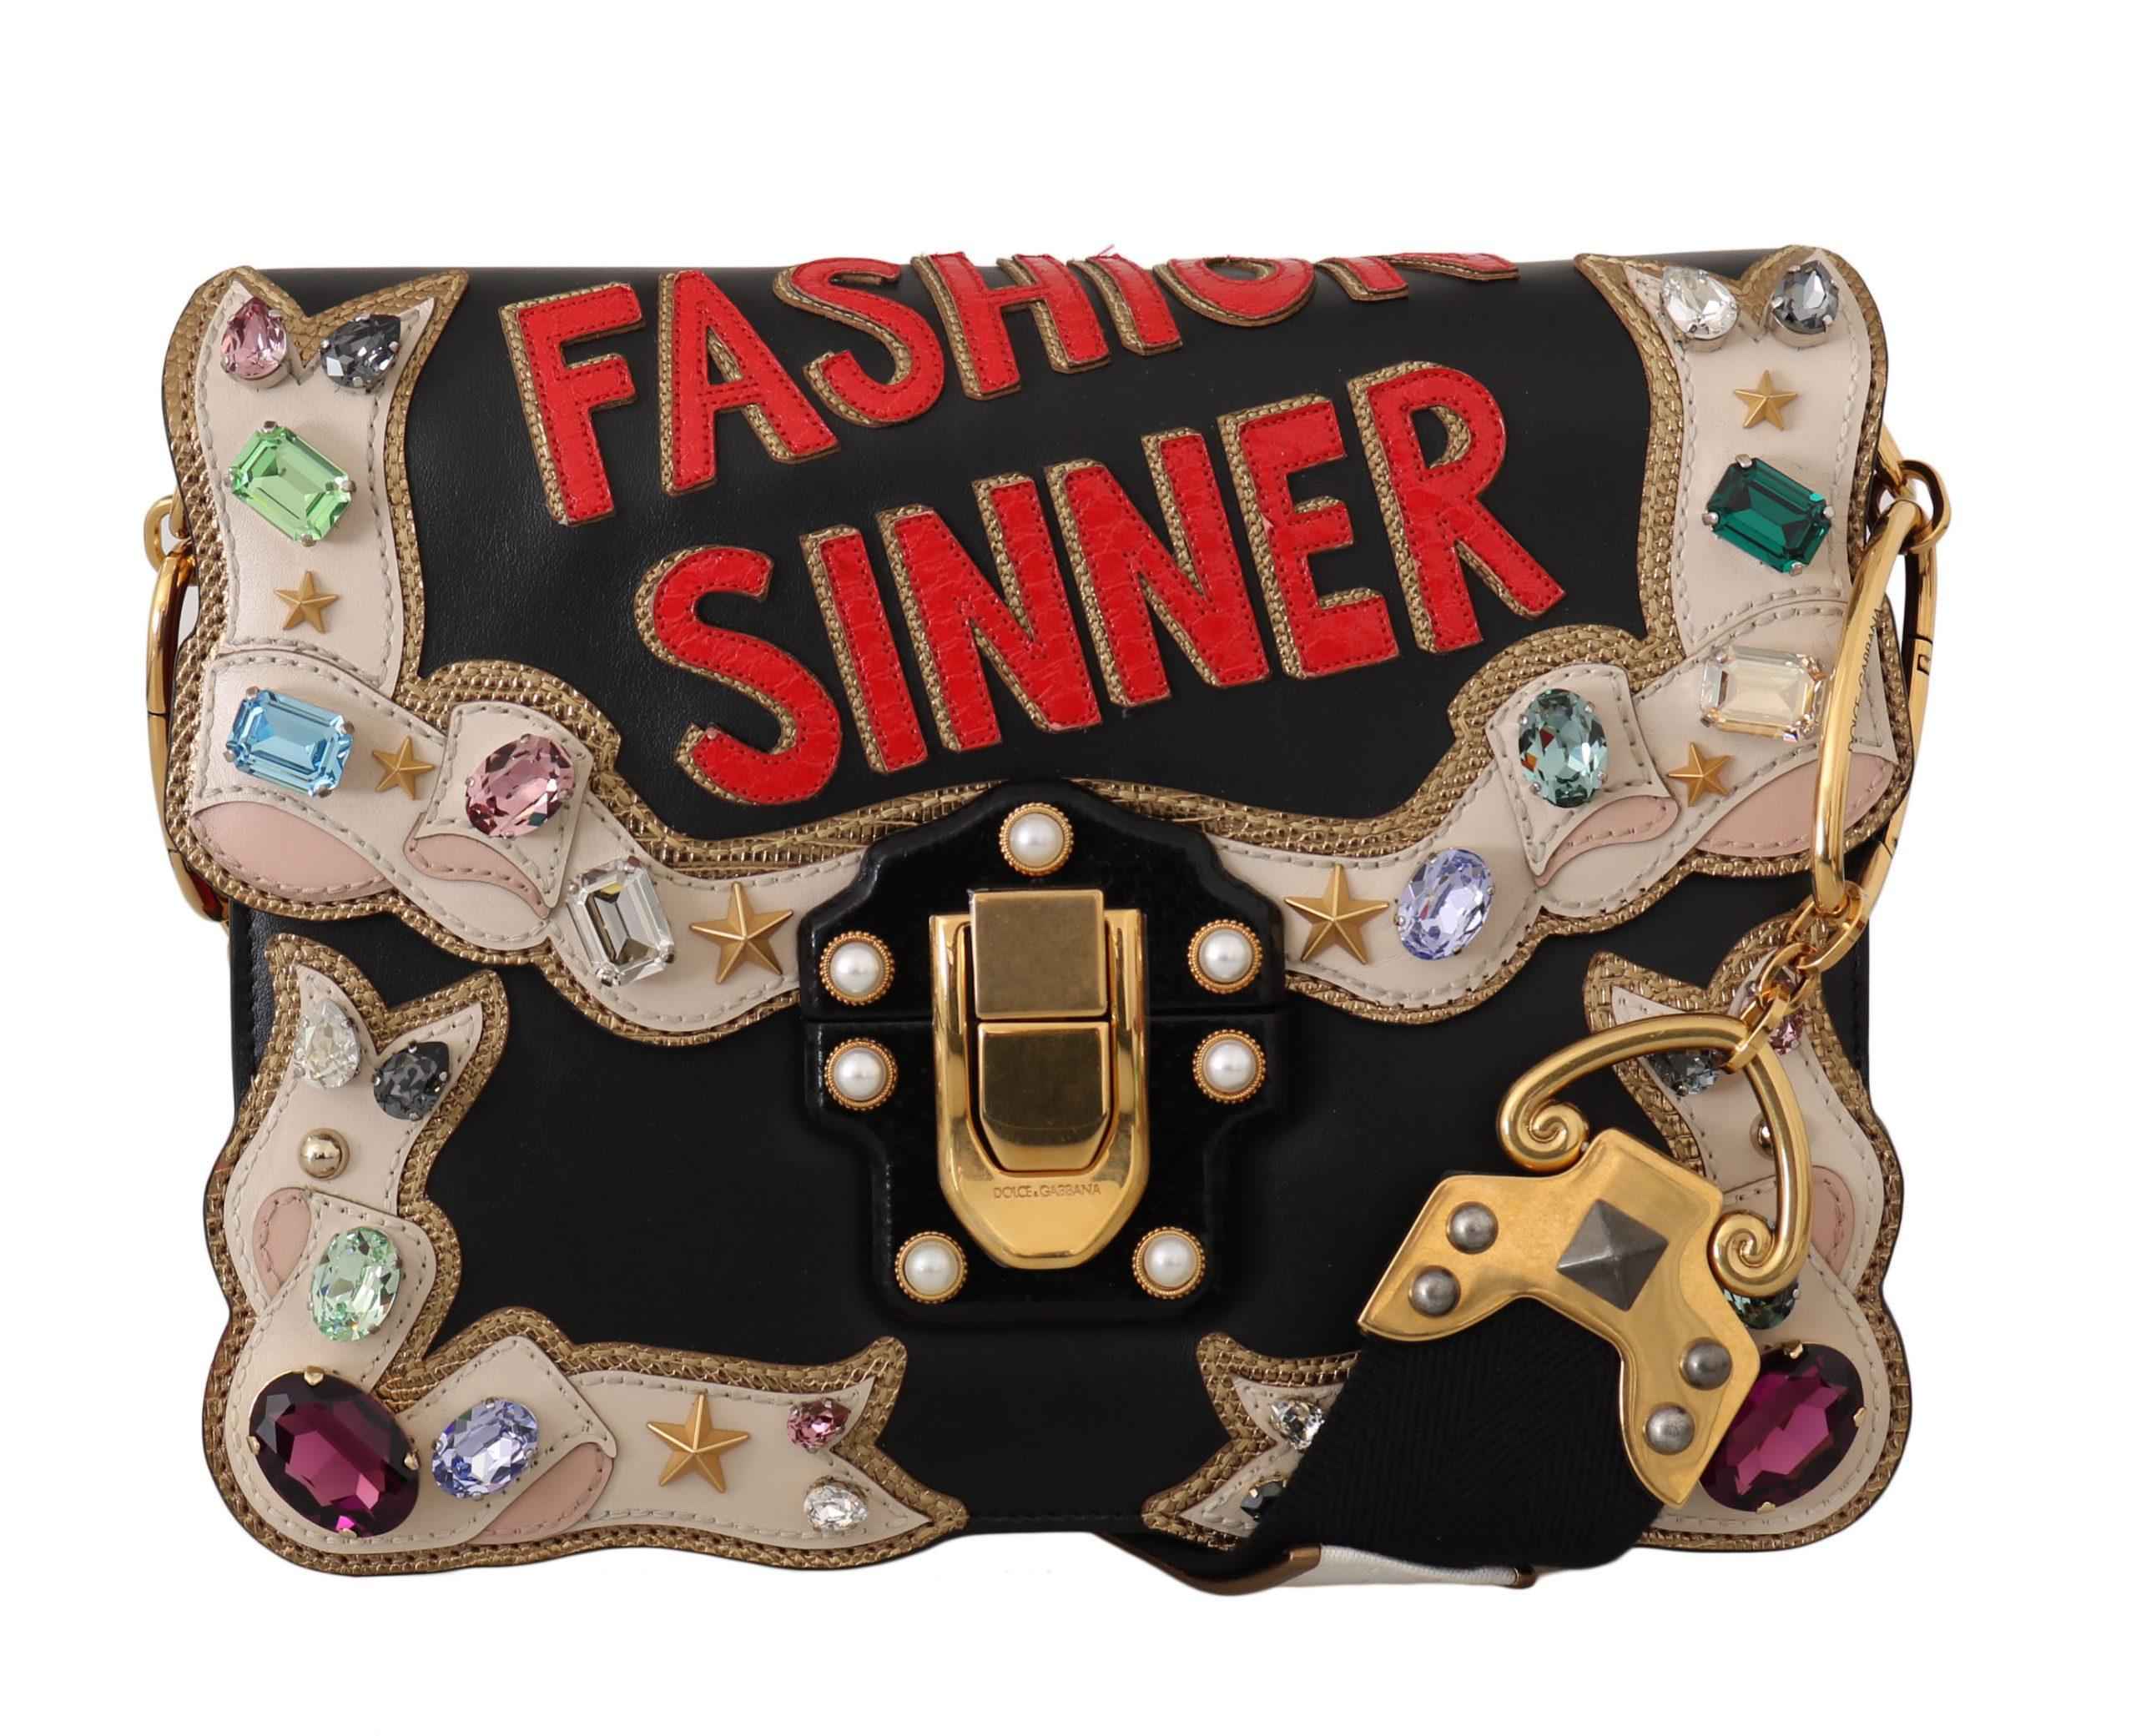 Dolce & Gabbana Women's Leather Crystal Fashion Shoulder Bag Black VA1083